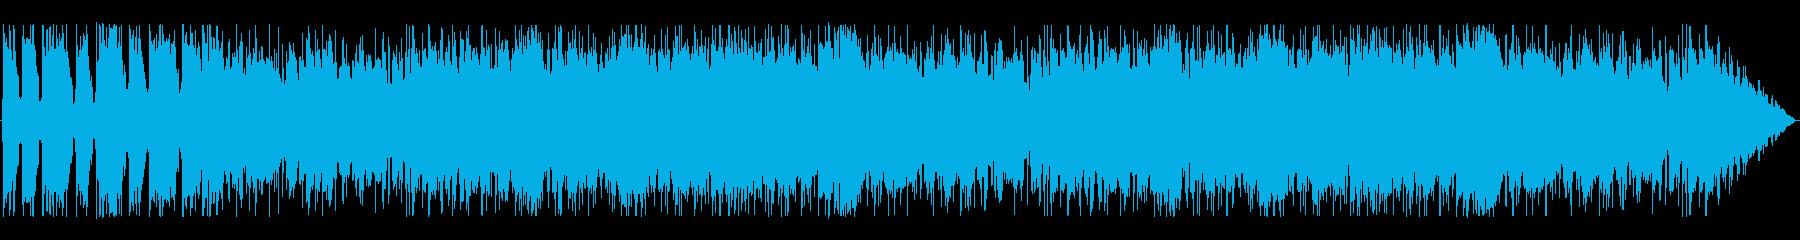 少し重めのメタル風ギターサウンドの再生済みの波形